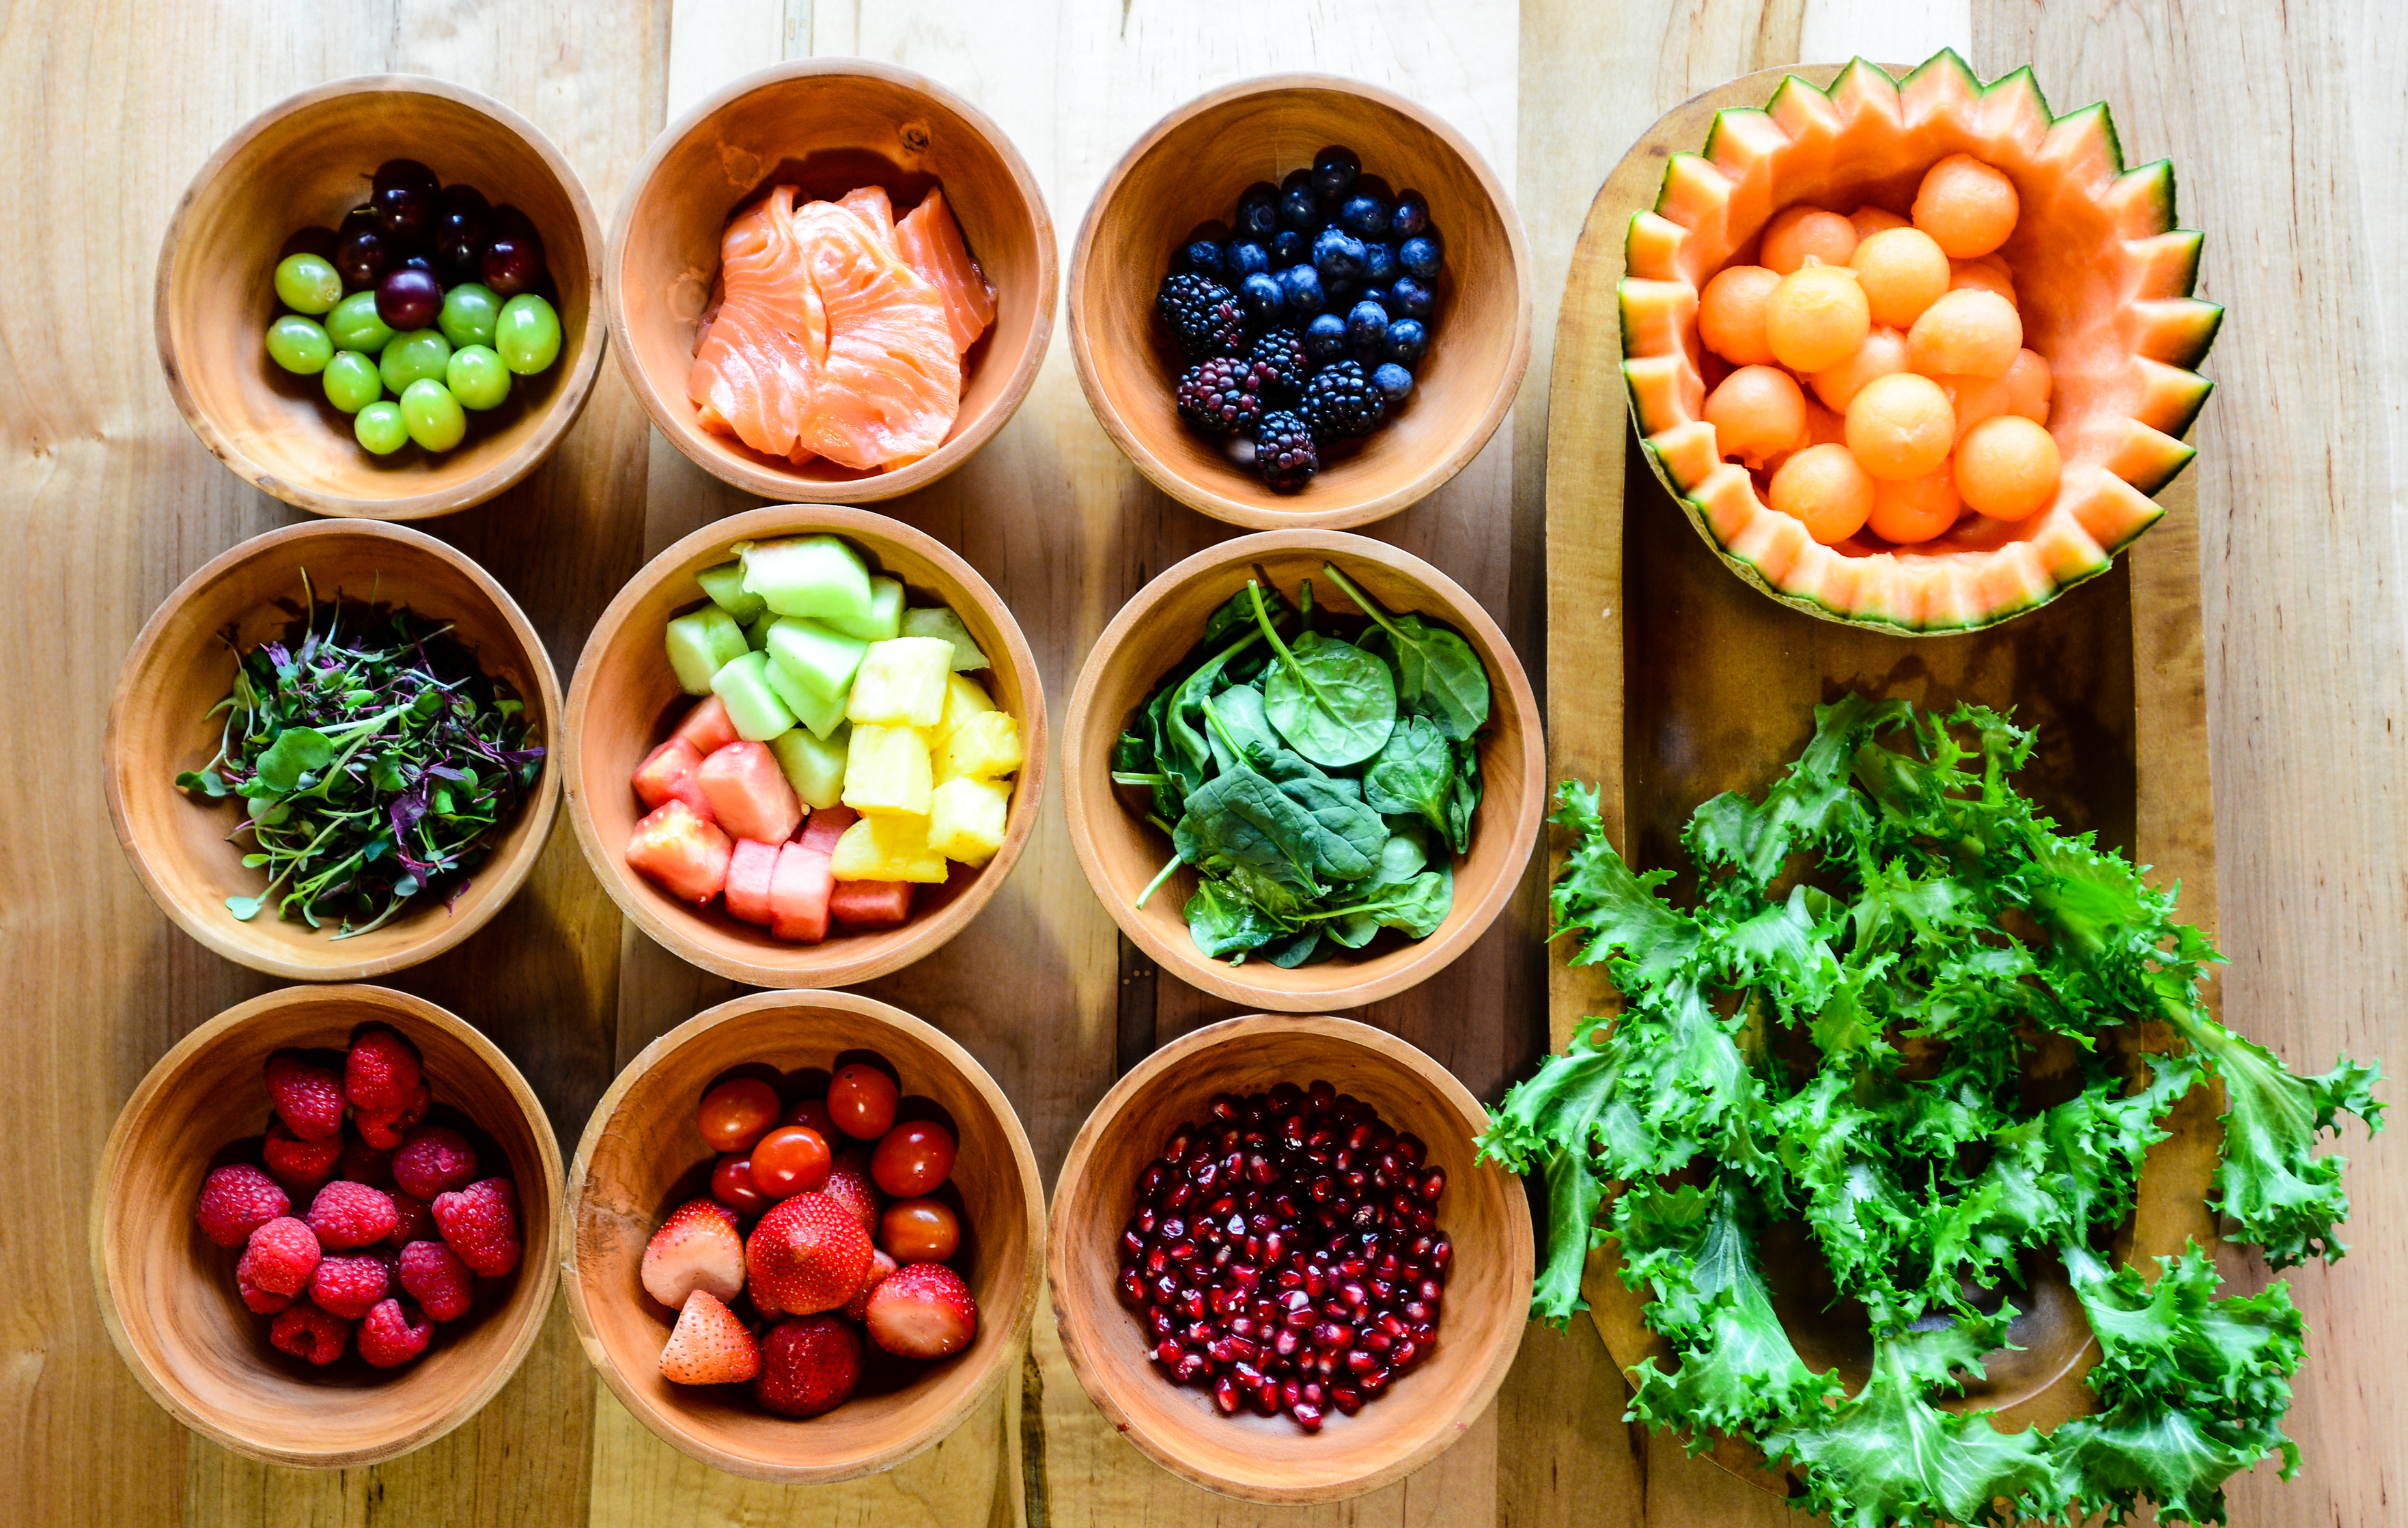 איך זה שהיפנים אוכלים יותר מאתנו -ונשארים רזים?